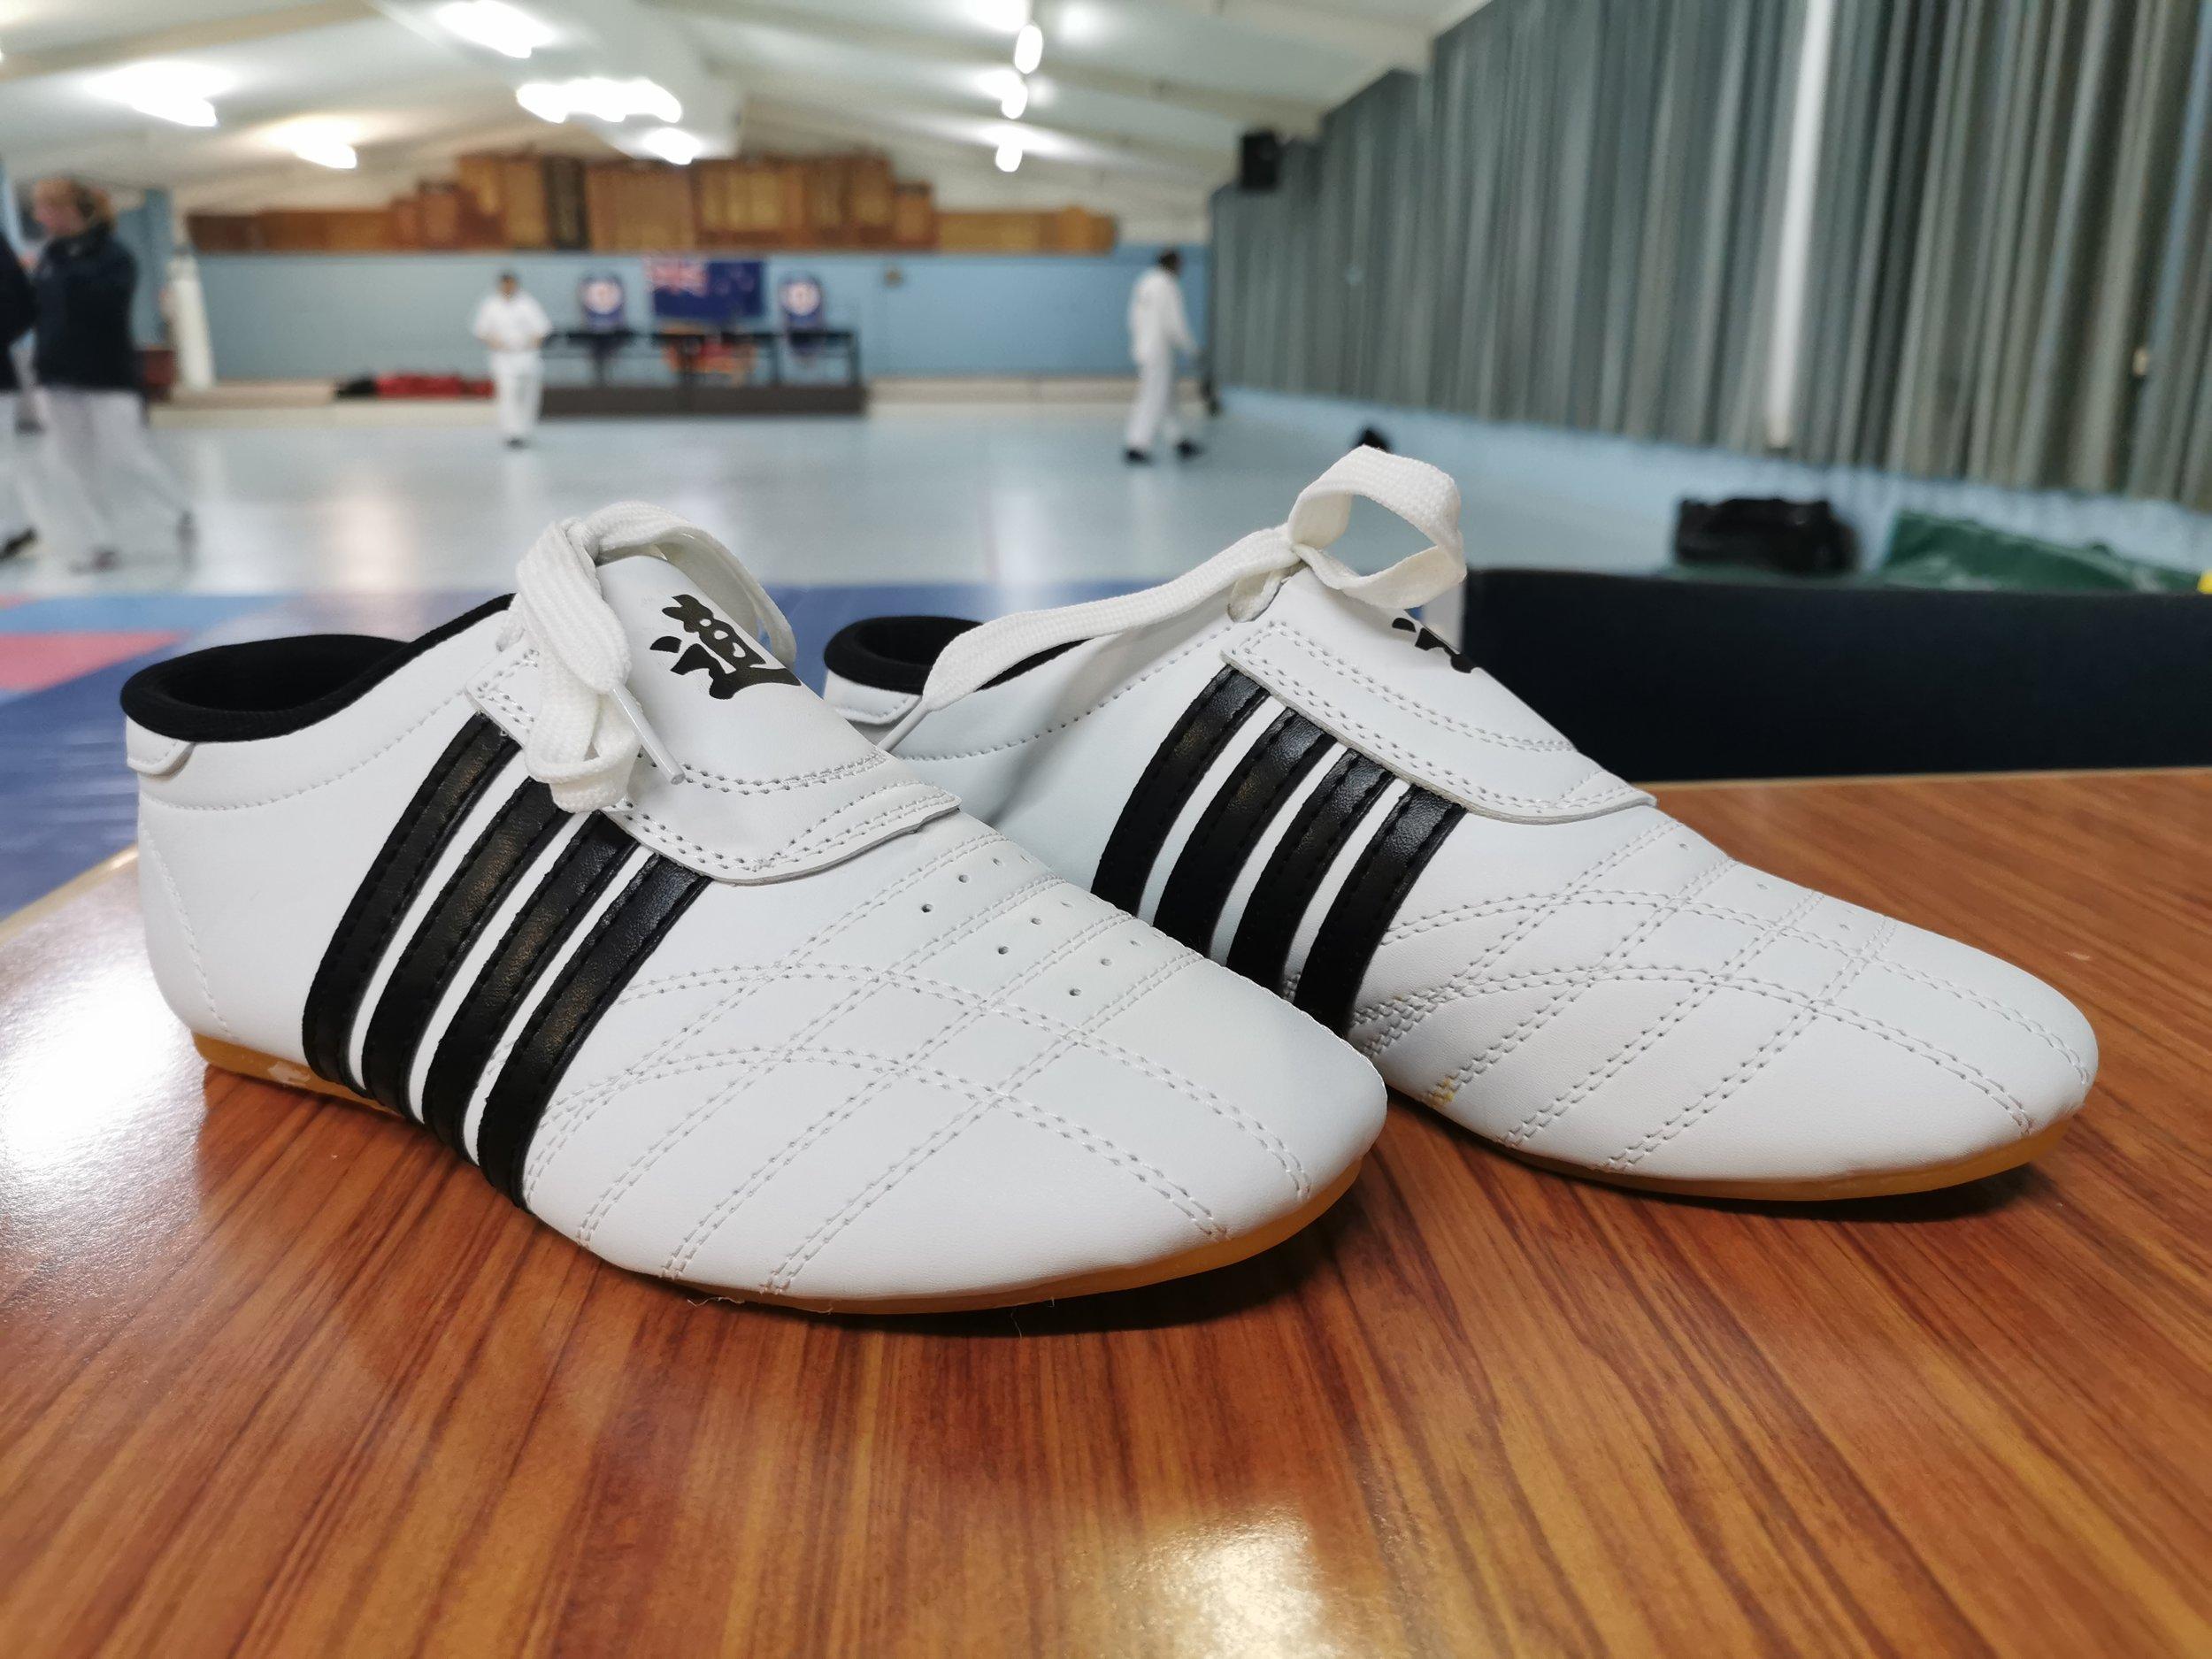 Four Stripe Shoes - $60